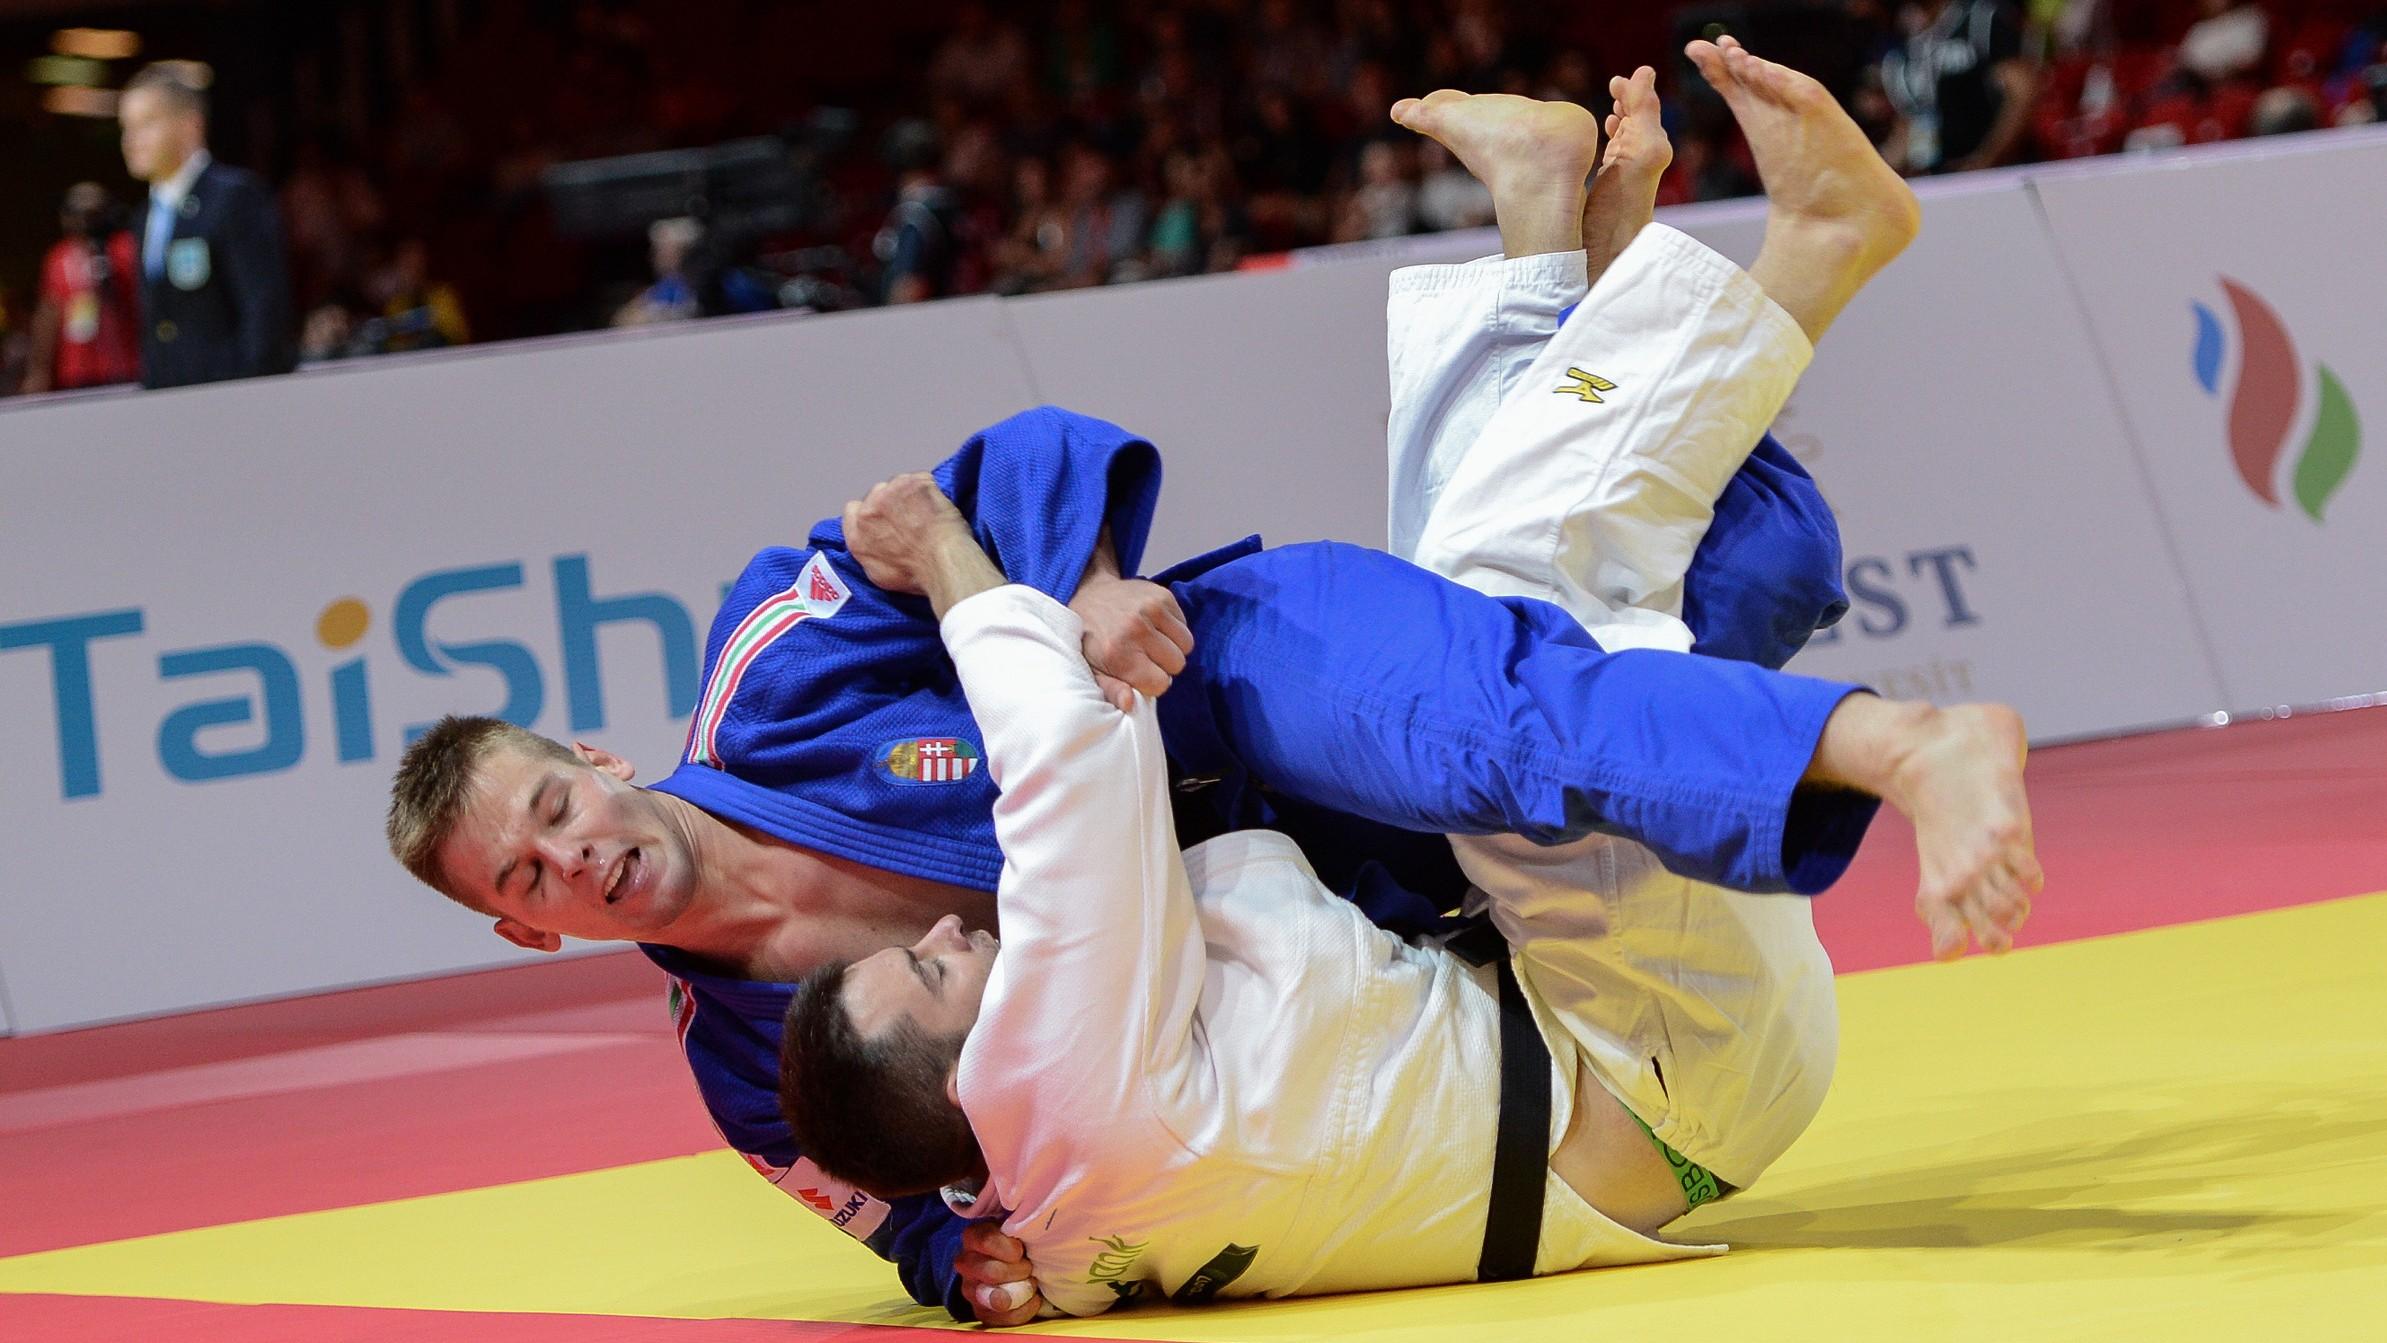 Cselgáncs-vk - Ohát Zalán aranyérmes Madridban